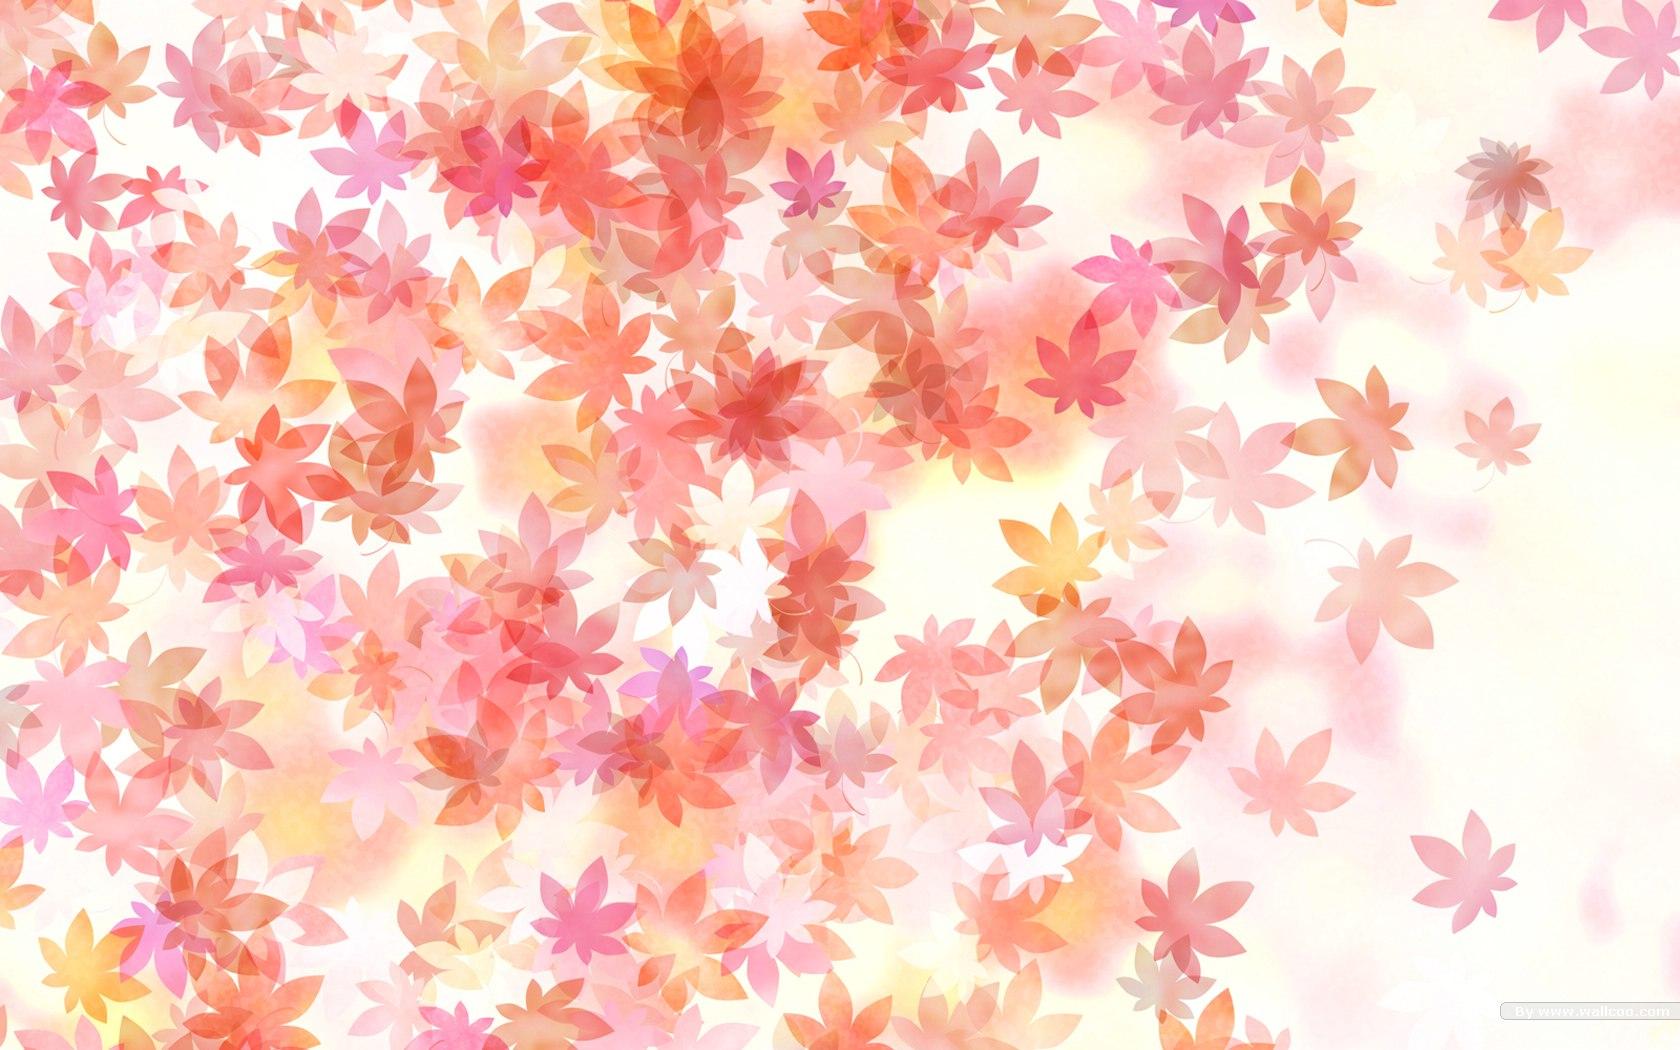 壁纸1680 215 1050日本风格色彩与图案设计壁纸 日本风格色彩图案设计图片壁纸 日本风格色彩设计壁纸图片 插画壁纸